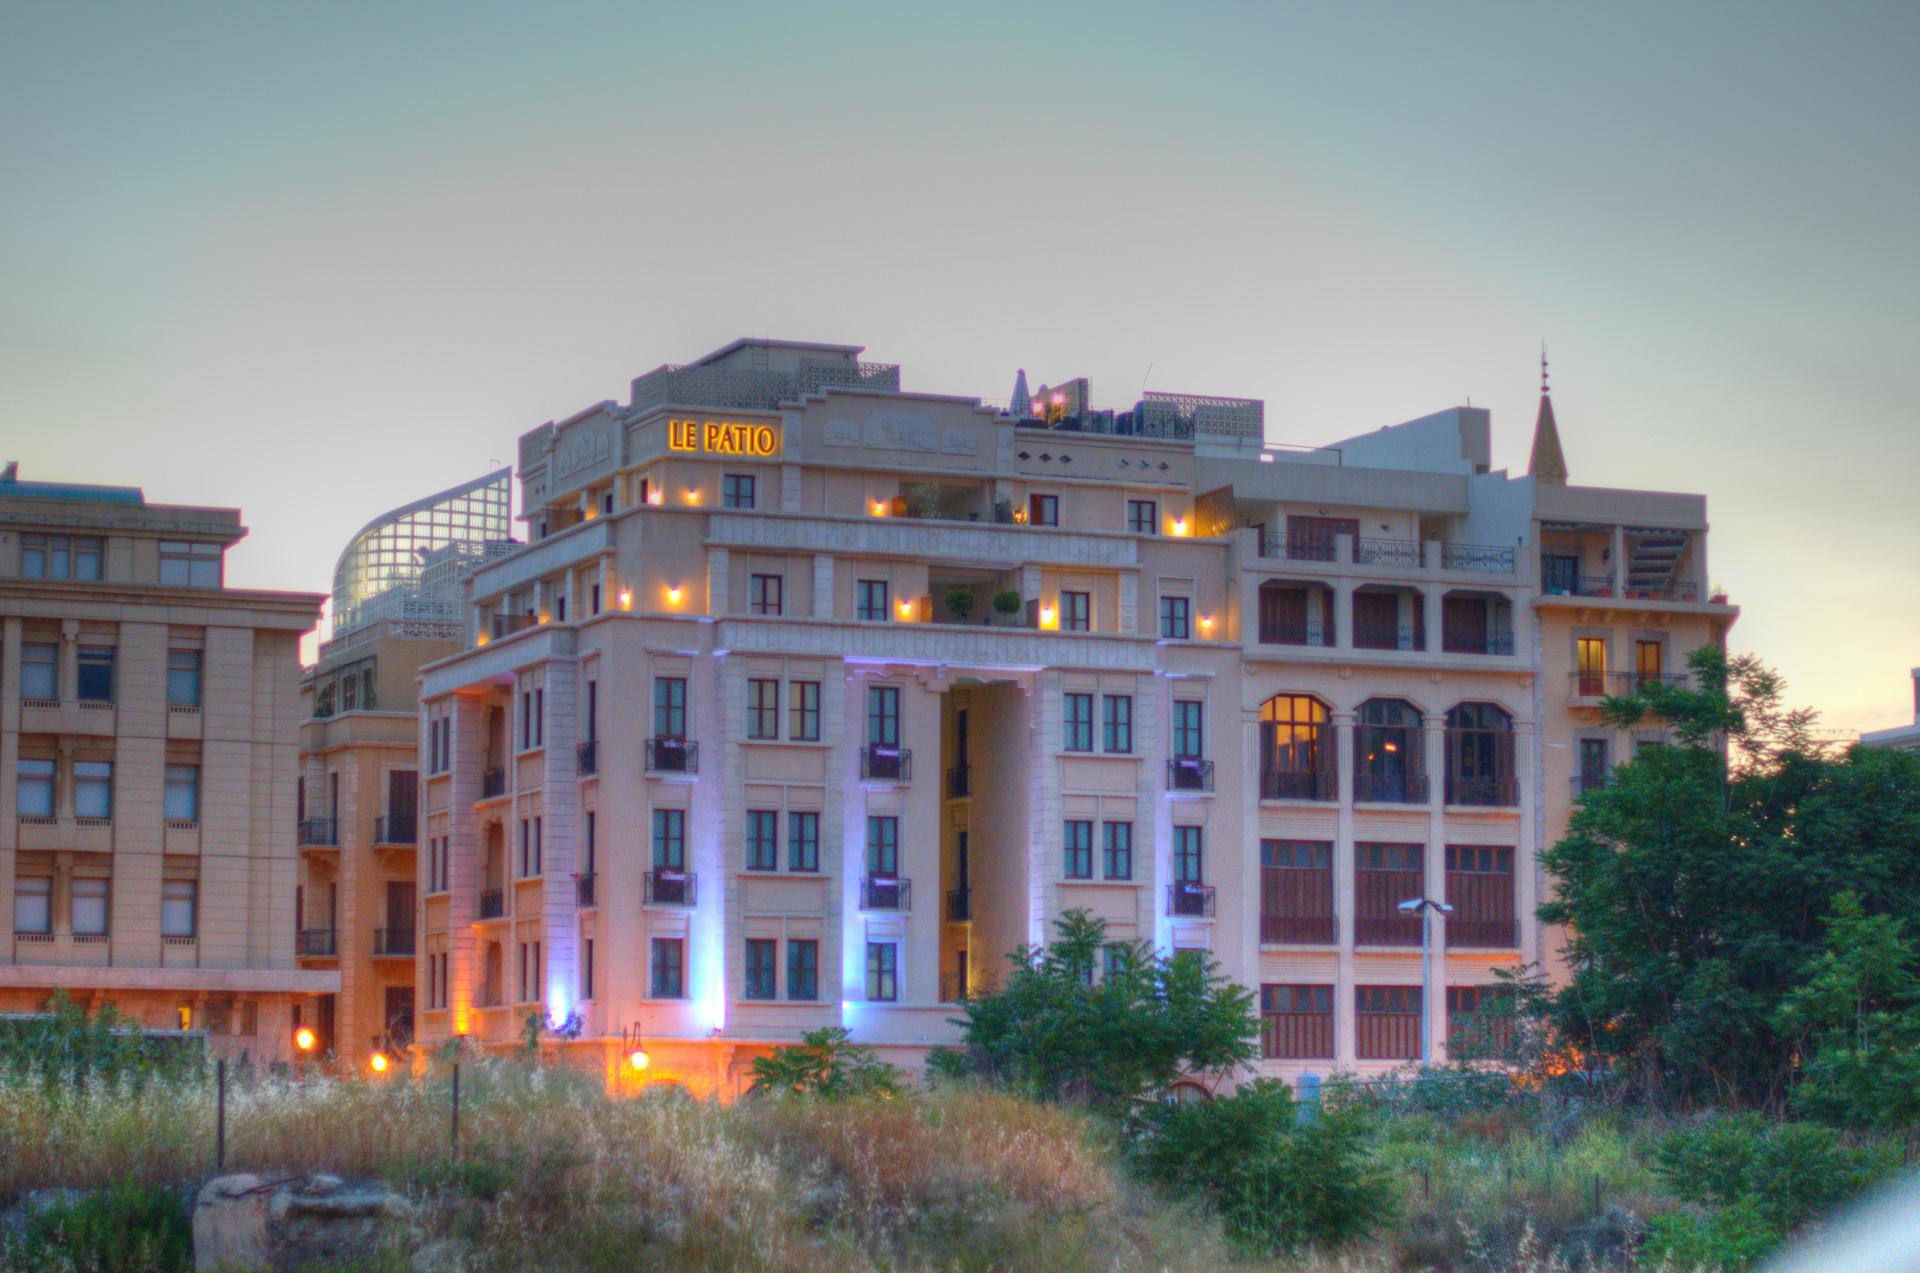 [Le Patio Hotel] | Courtesy of [Le Patio Hotel]